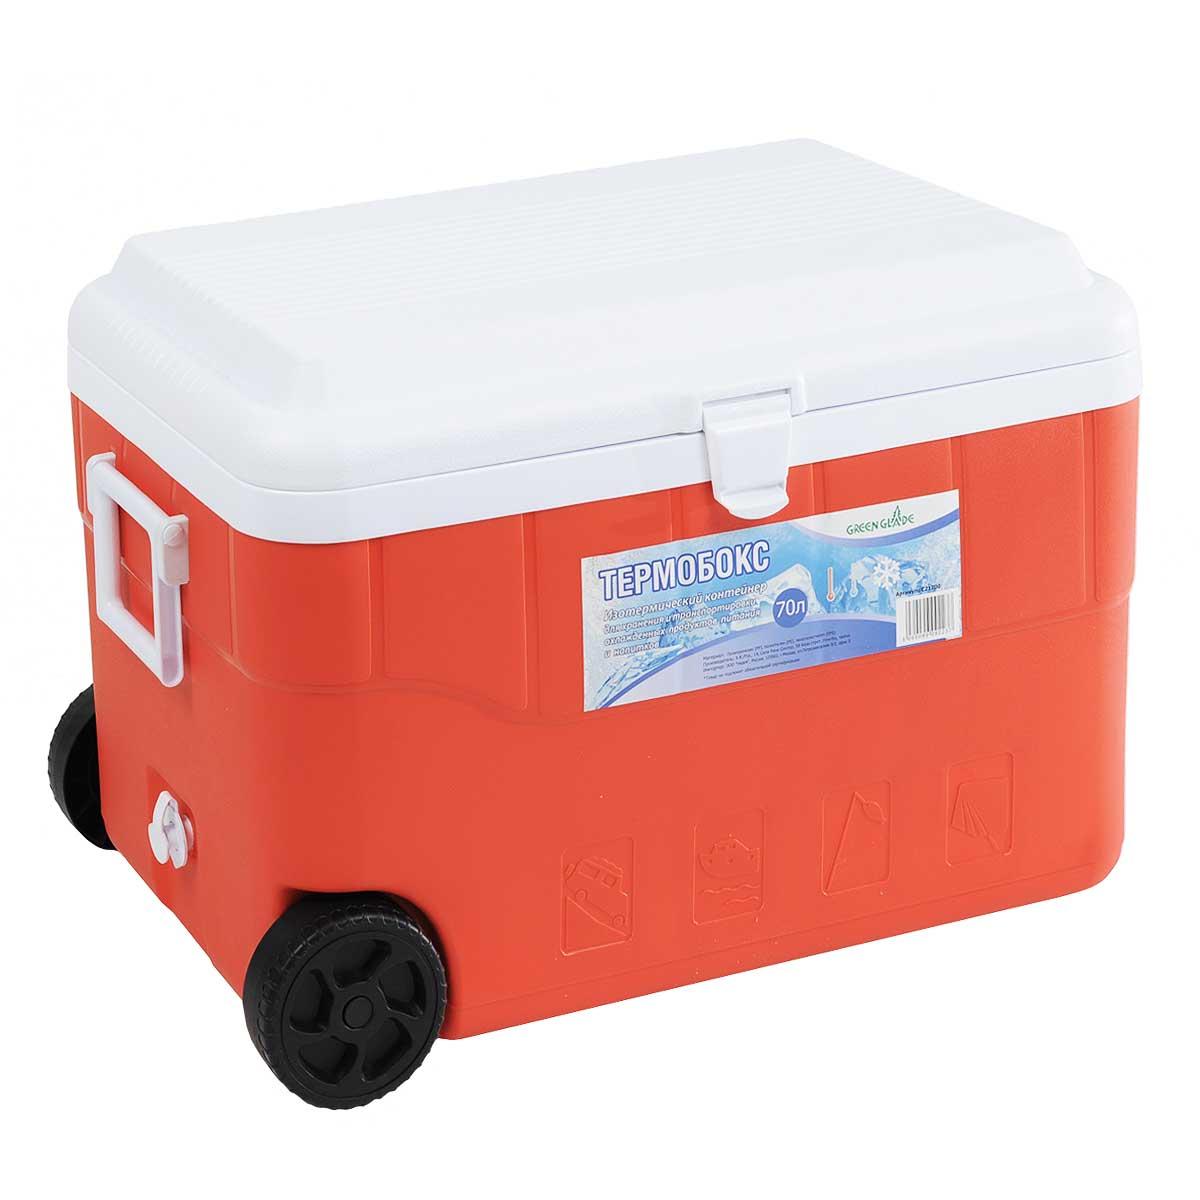 Контейнер изотермический Green Glade, на колесиках, цвет: красный, 70 лP2025Удобный и прочный изотермический контейнер Green Glade предназначен для сохранения определенной температуры продуктов во время длительных поездок. Корпус и крышка контейнера изготовлены из высококачественного пластика. Между двойными стенками находится термоизоляционный слой, который обеспечивает сохранение температуры. У контейнера одно большое вместительное отделение. Крышка закрывается плотно на замок-защелку. У контейнера имеются два колеса и большая ручка для более удобной транспортировки. Также имеются две боковые ручки для переноски.В нижней части контейнера имеется заглушка, которая поможет слить воду при постепенном размораживании продуктов. При использовании аккумулятора холода контейнер обеспечивает сохранение продуктов холодными 12-14 часов. Контейнер такого размера идеально подойдет для пикника или для поездки на дачу, или просто для длительной поездки.Контейнеры Green Glade можно использовать не только для сохранения холодных продуктов, но и для транспортировки горячих блюд. В этом случае аккумуляторы нагреваются в горячей воде (температура около 80°С) и превращаются в аккумуляторы тепла. Подготовленные блюда перед транспортировкой подогреваются и укладываются в контейнер. Объем контейнера: 70 л.Размер контейнера: 67 см х 46,5 см х43 см.